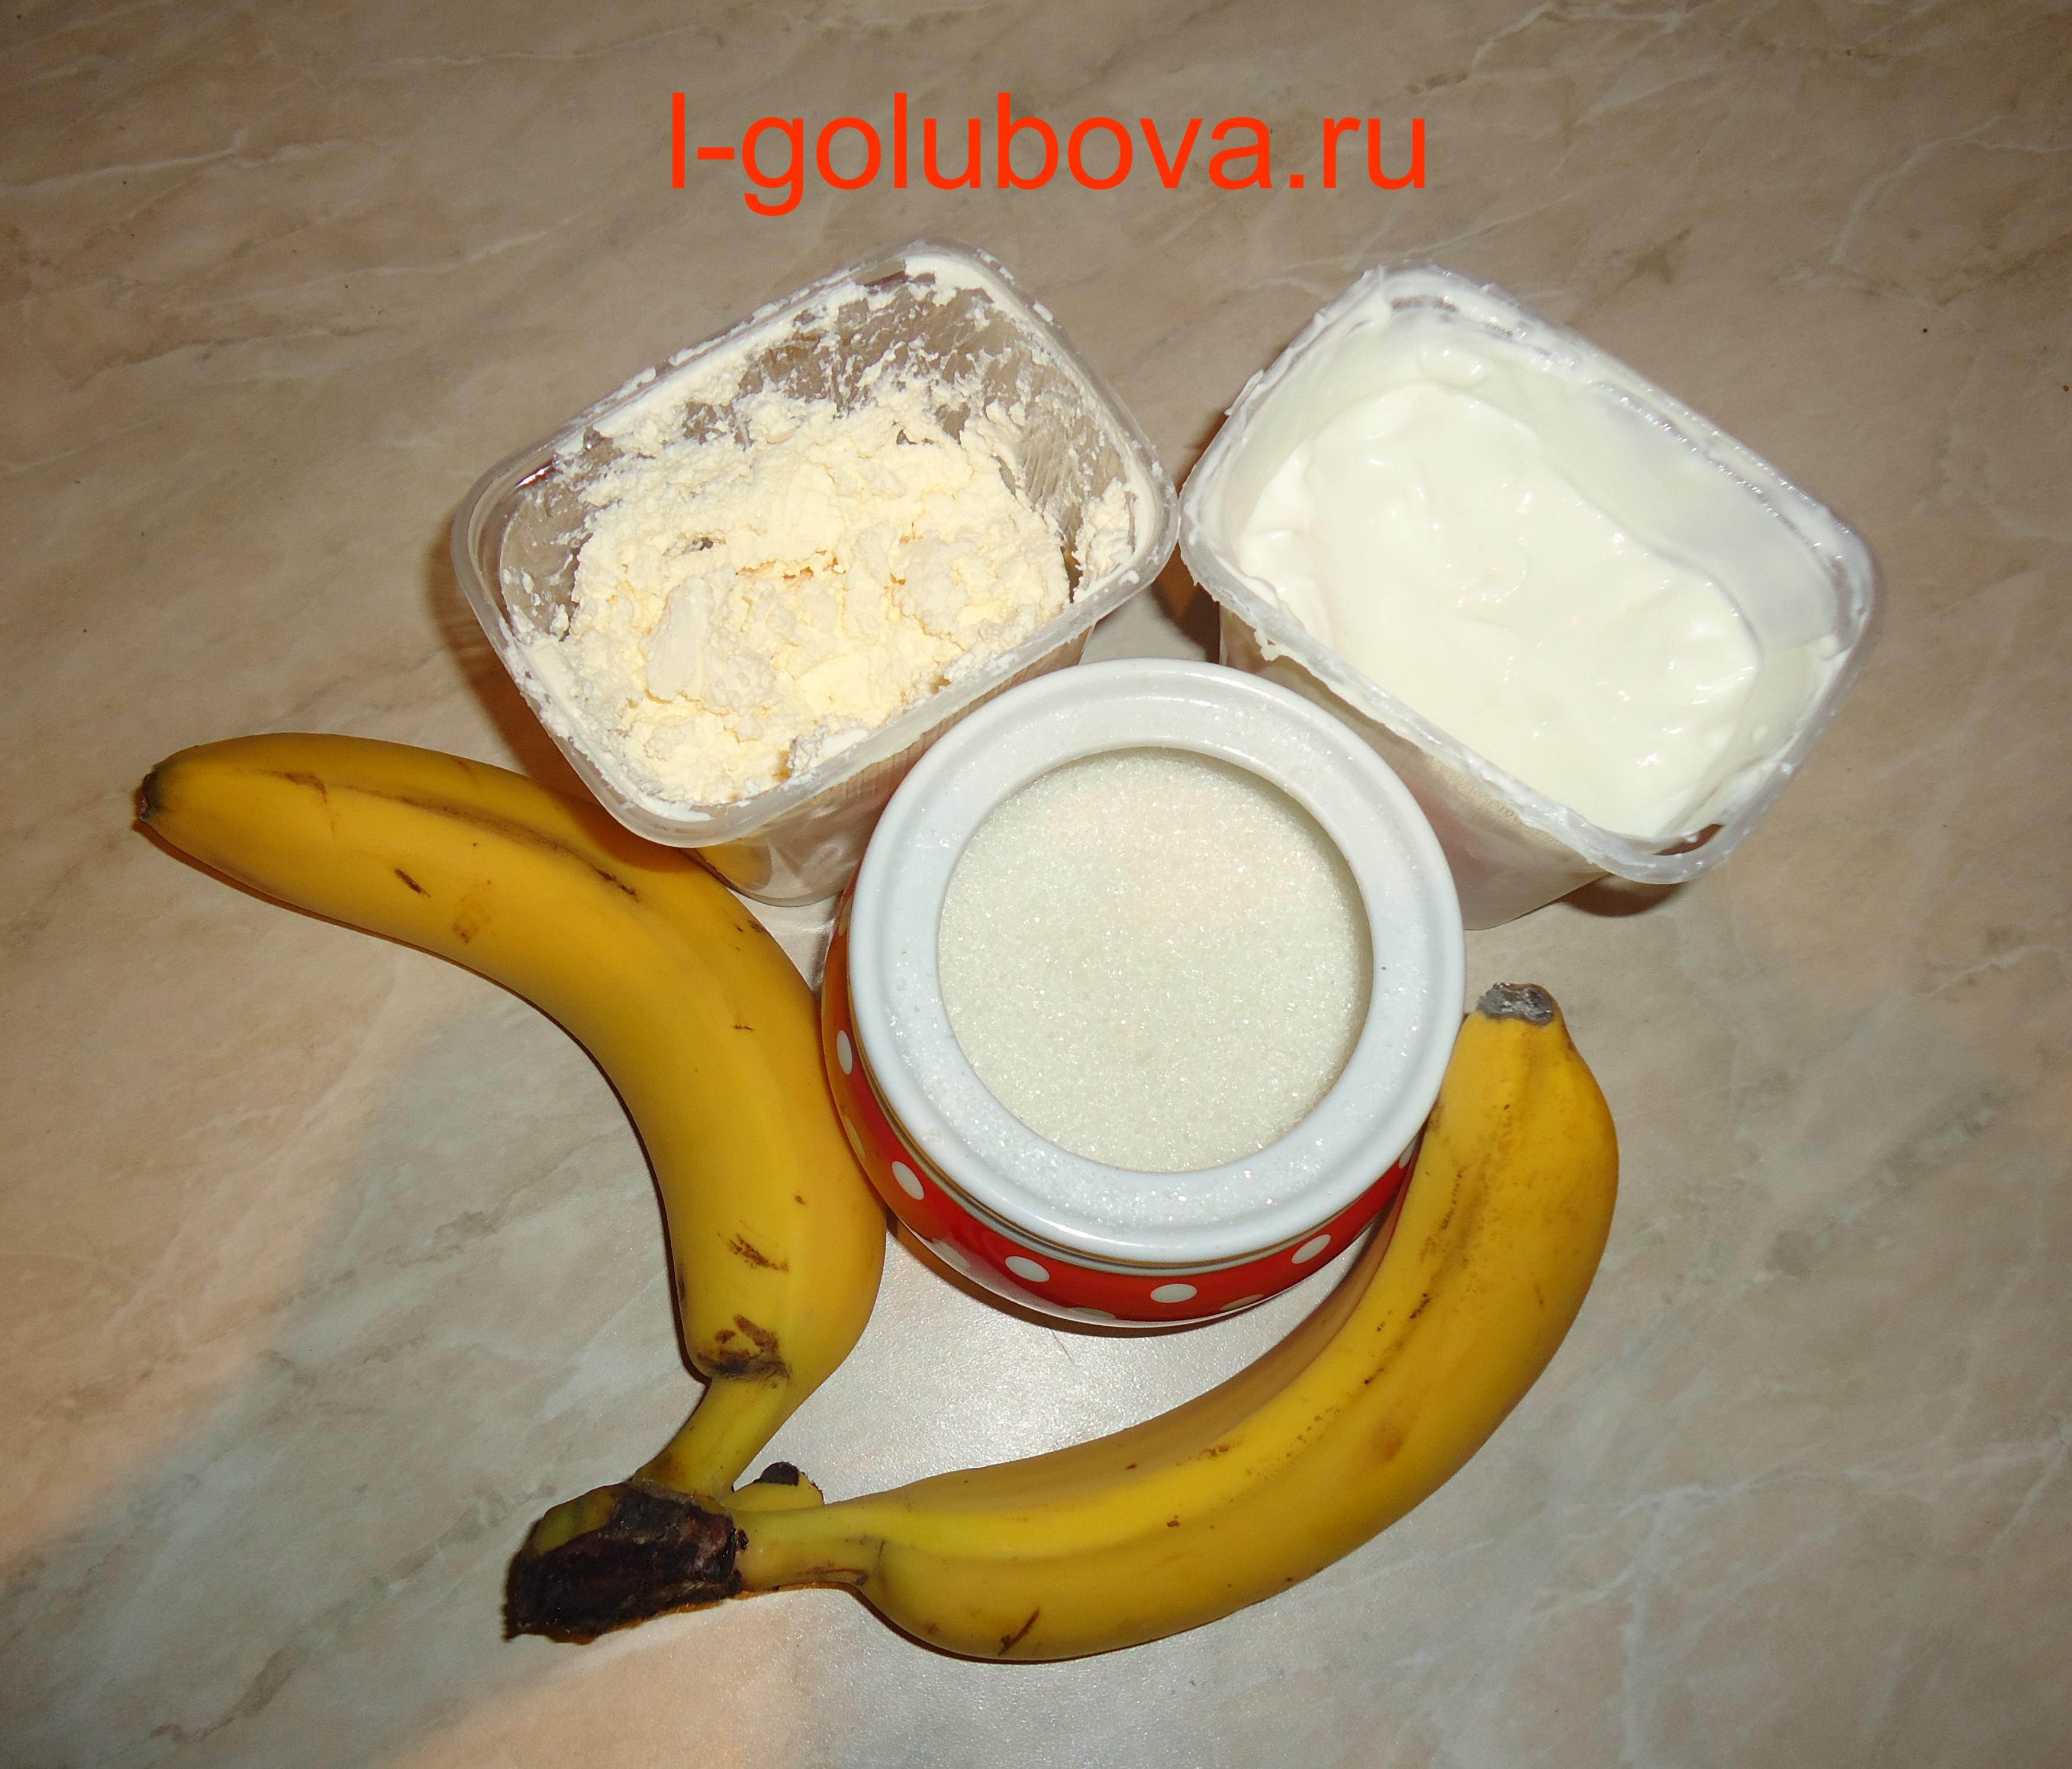 Йогурт творожный в домашних условиях рецепт